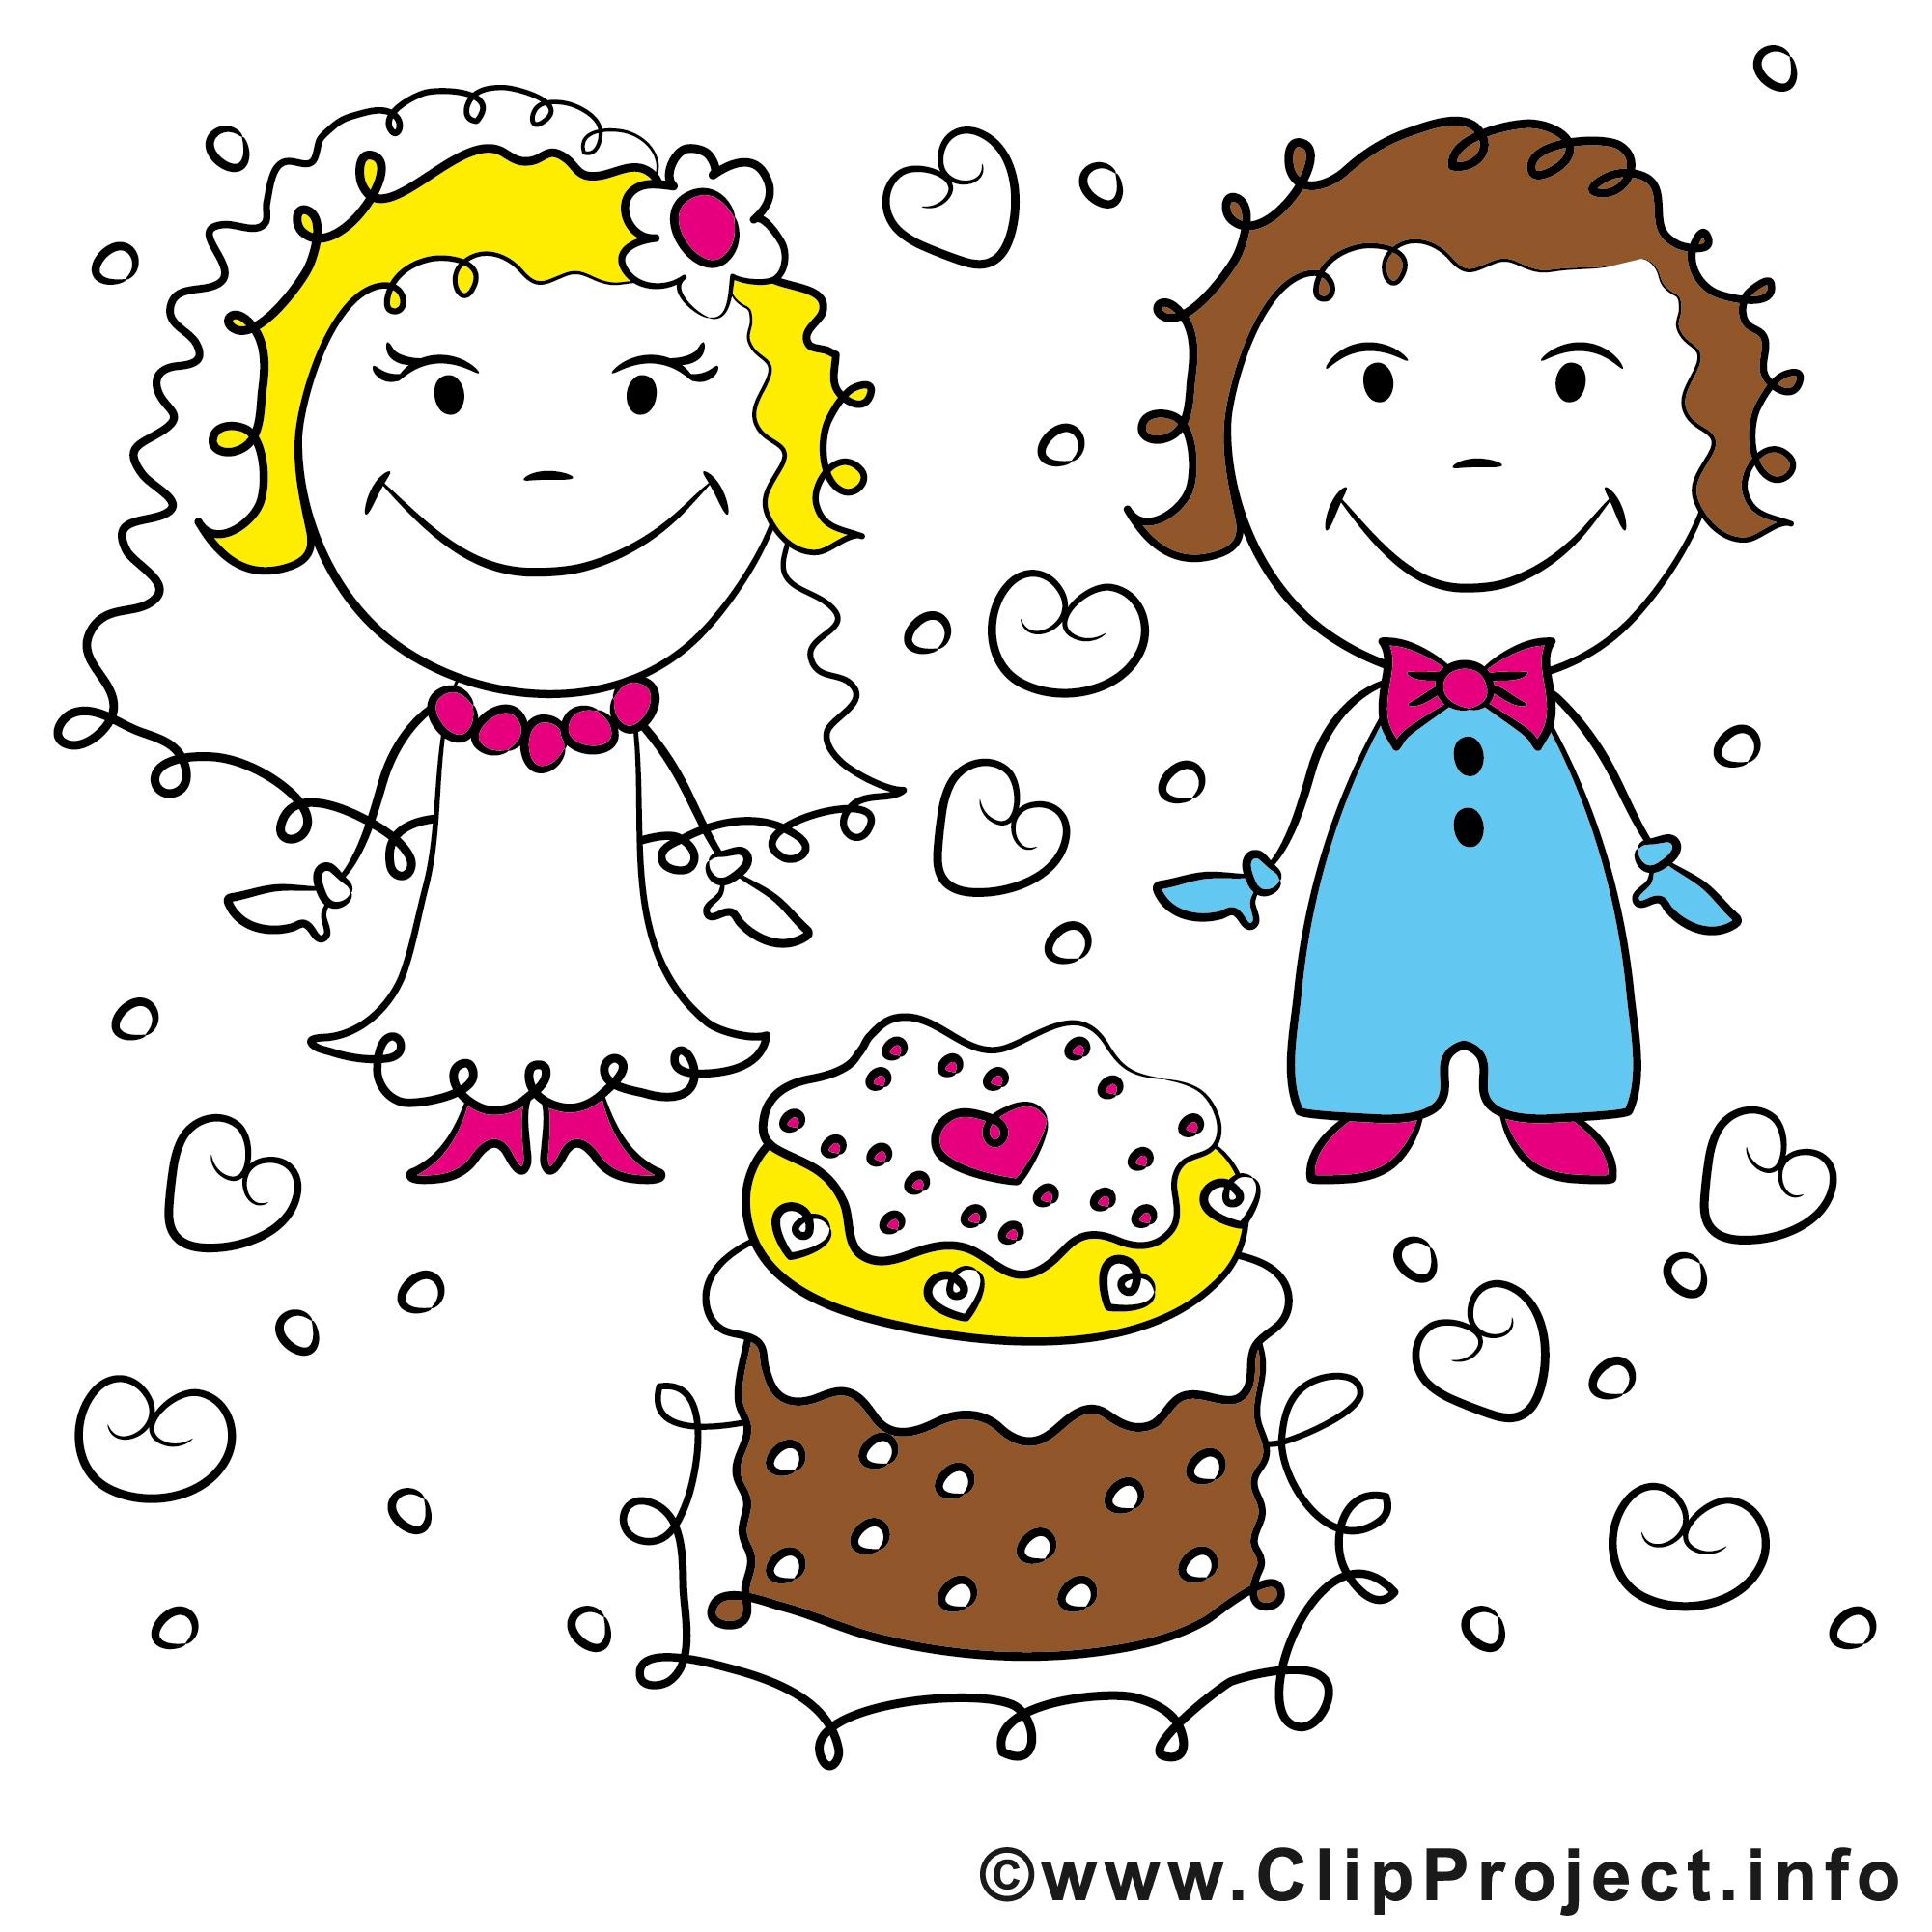 images clipart mariage gratuites - photo #25